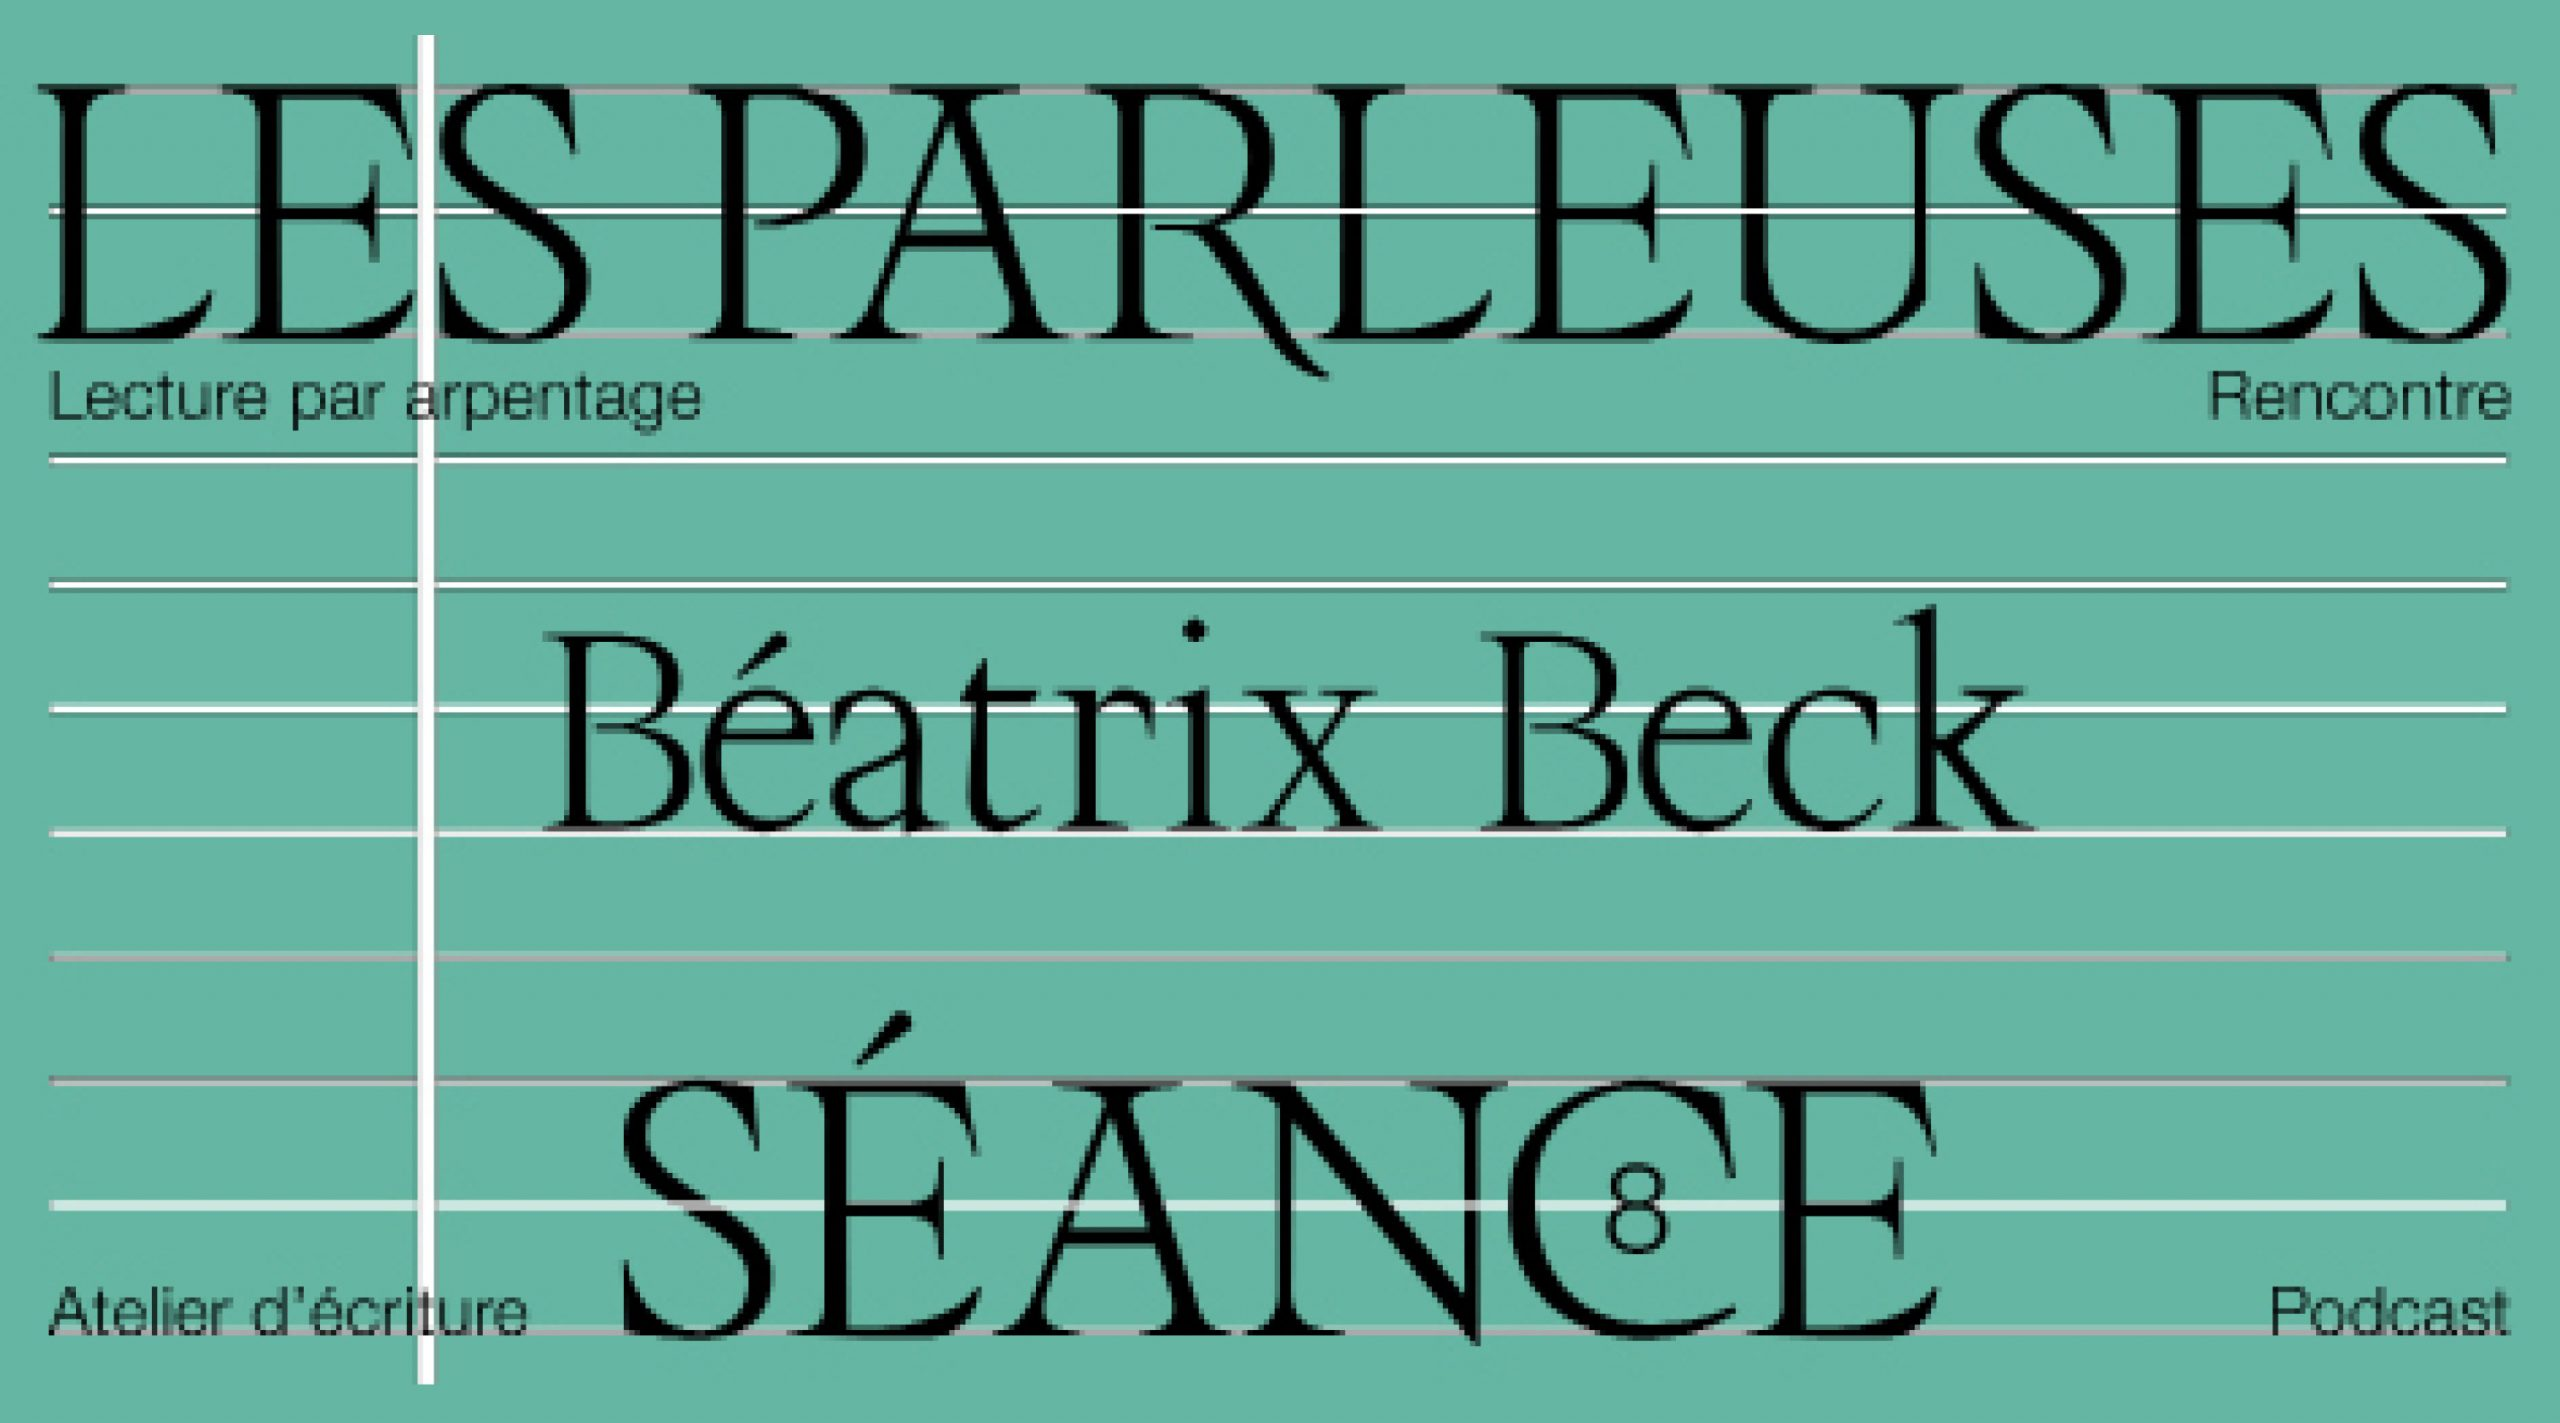 Les Parleuses #9 Béatrix Beck BPI et bibliothèque Kandinsky (Centre Pompidou)